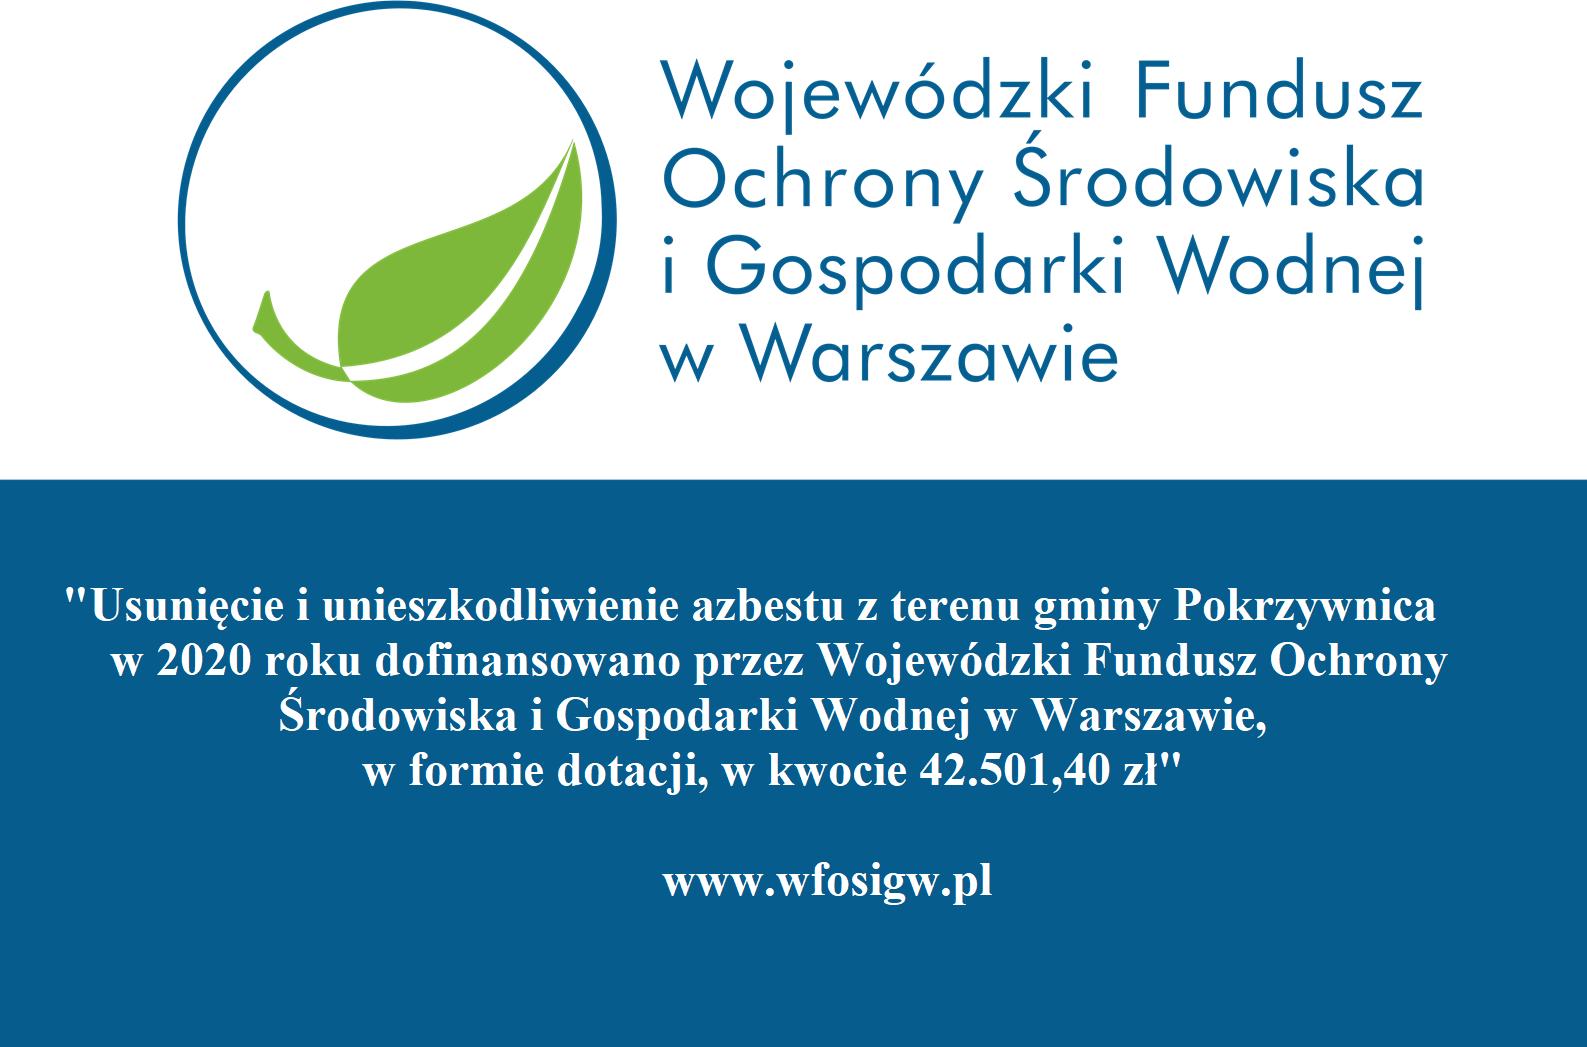 Usunięcie i unieszkodliwienie azbestu z terenu gminy Pokrzywnica w 2020 roku